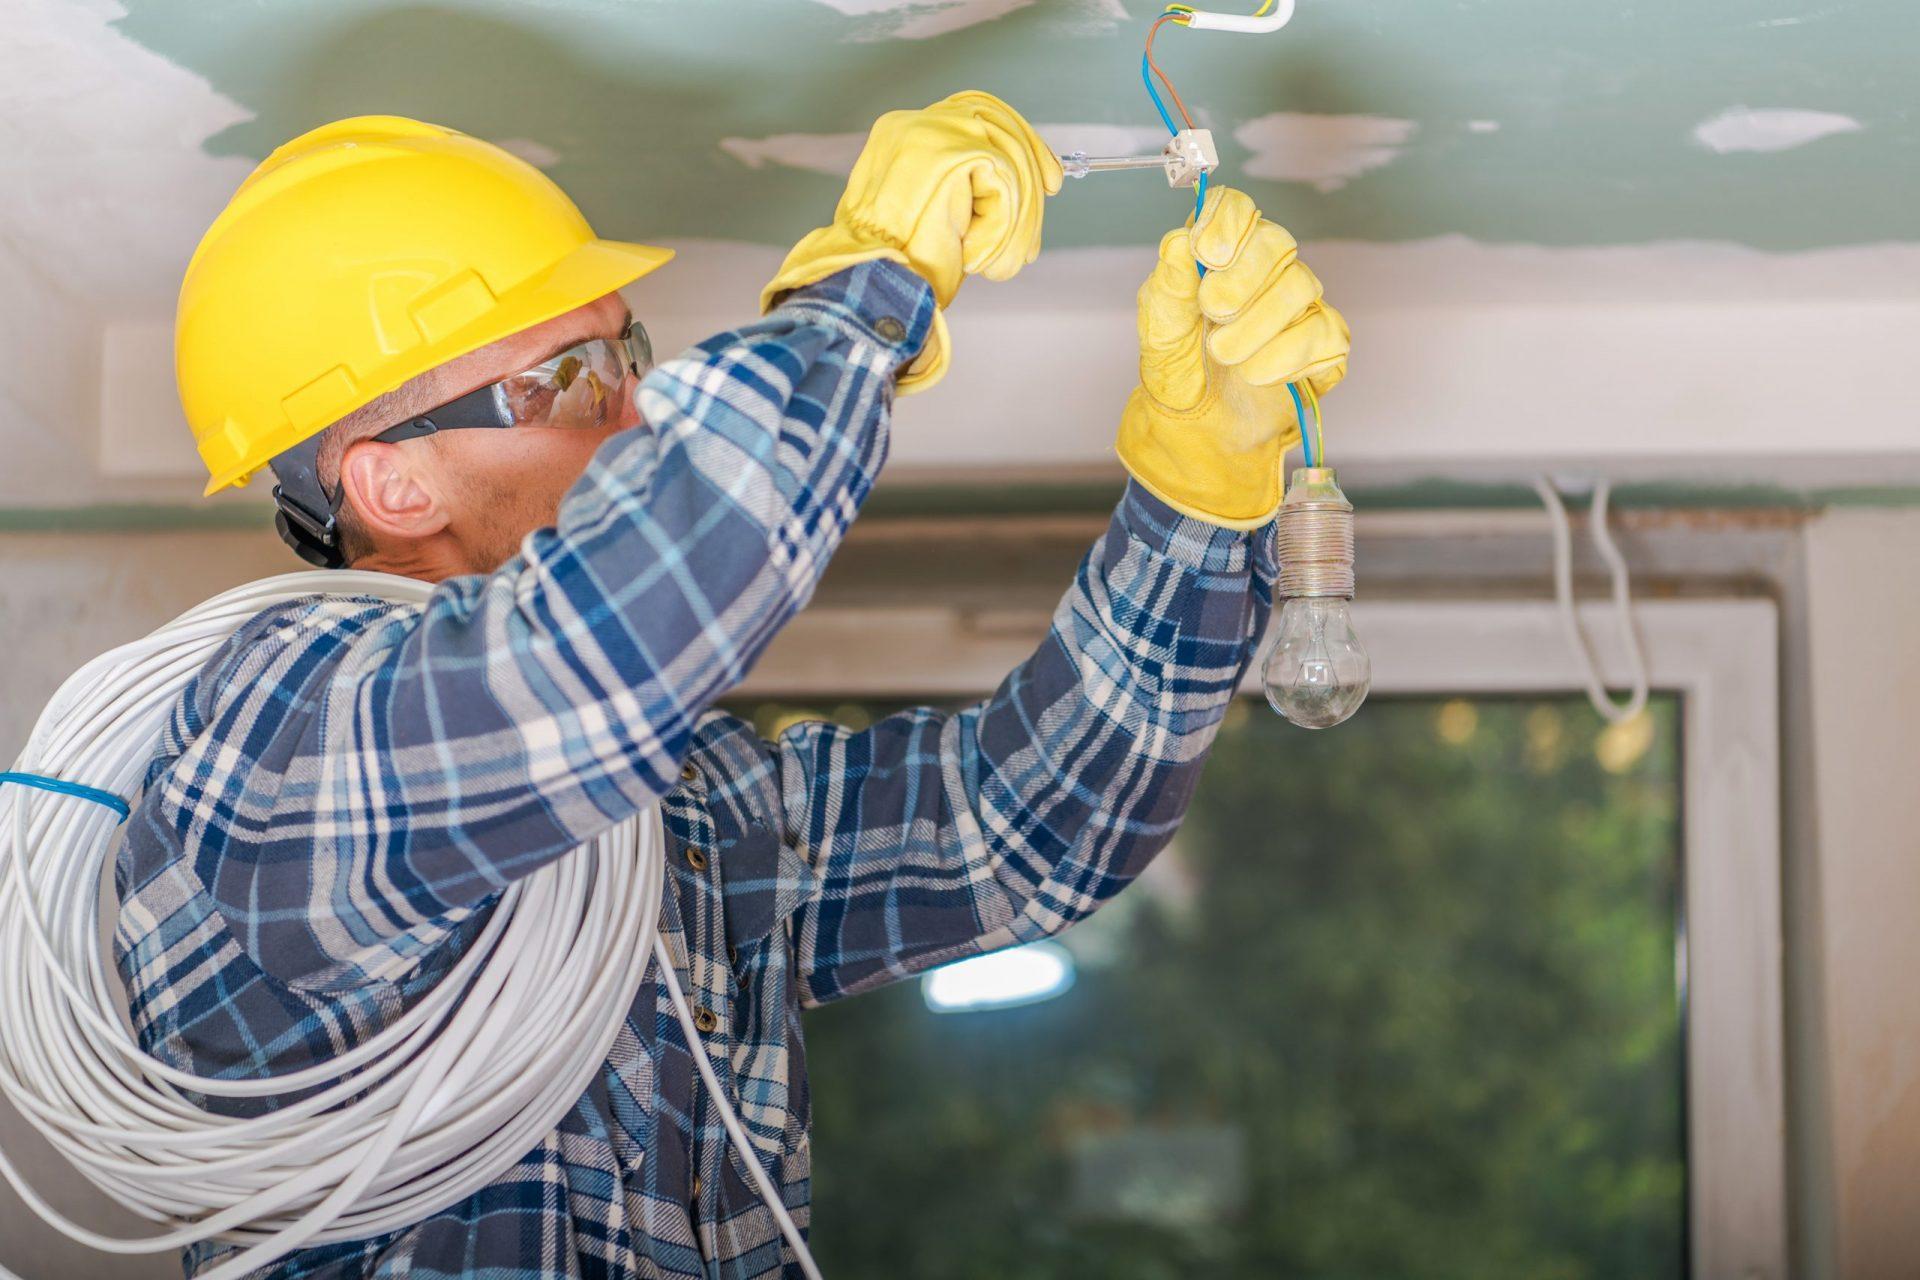 Monteur lampen aan het ophangen